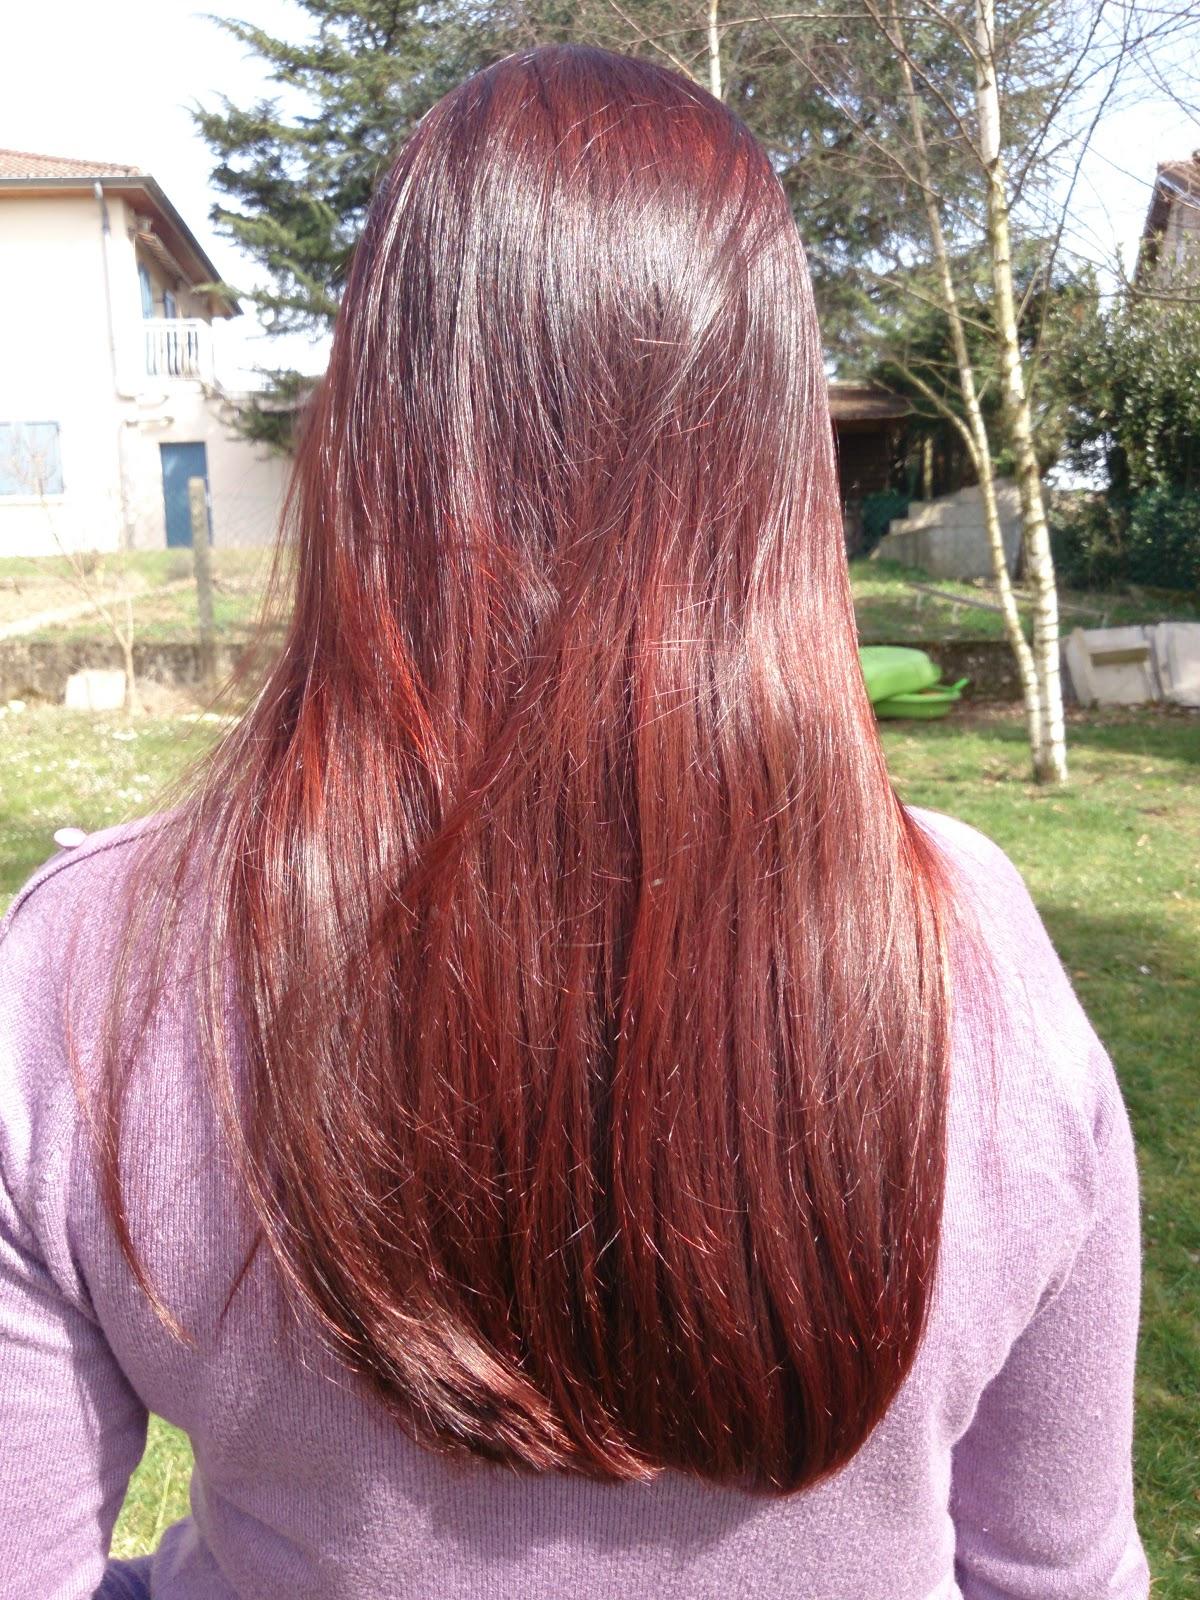 si vous avez plus de questions ou pour toute autre raison nhsitez pas me laisser un commentaire - Perte De Cheveux Aprs Coloration